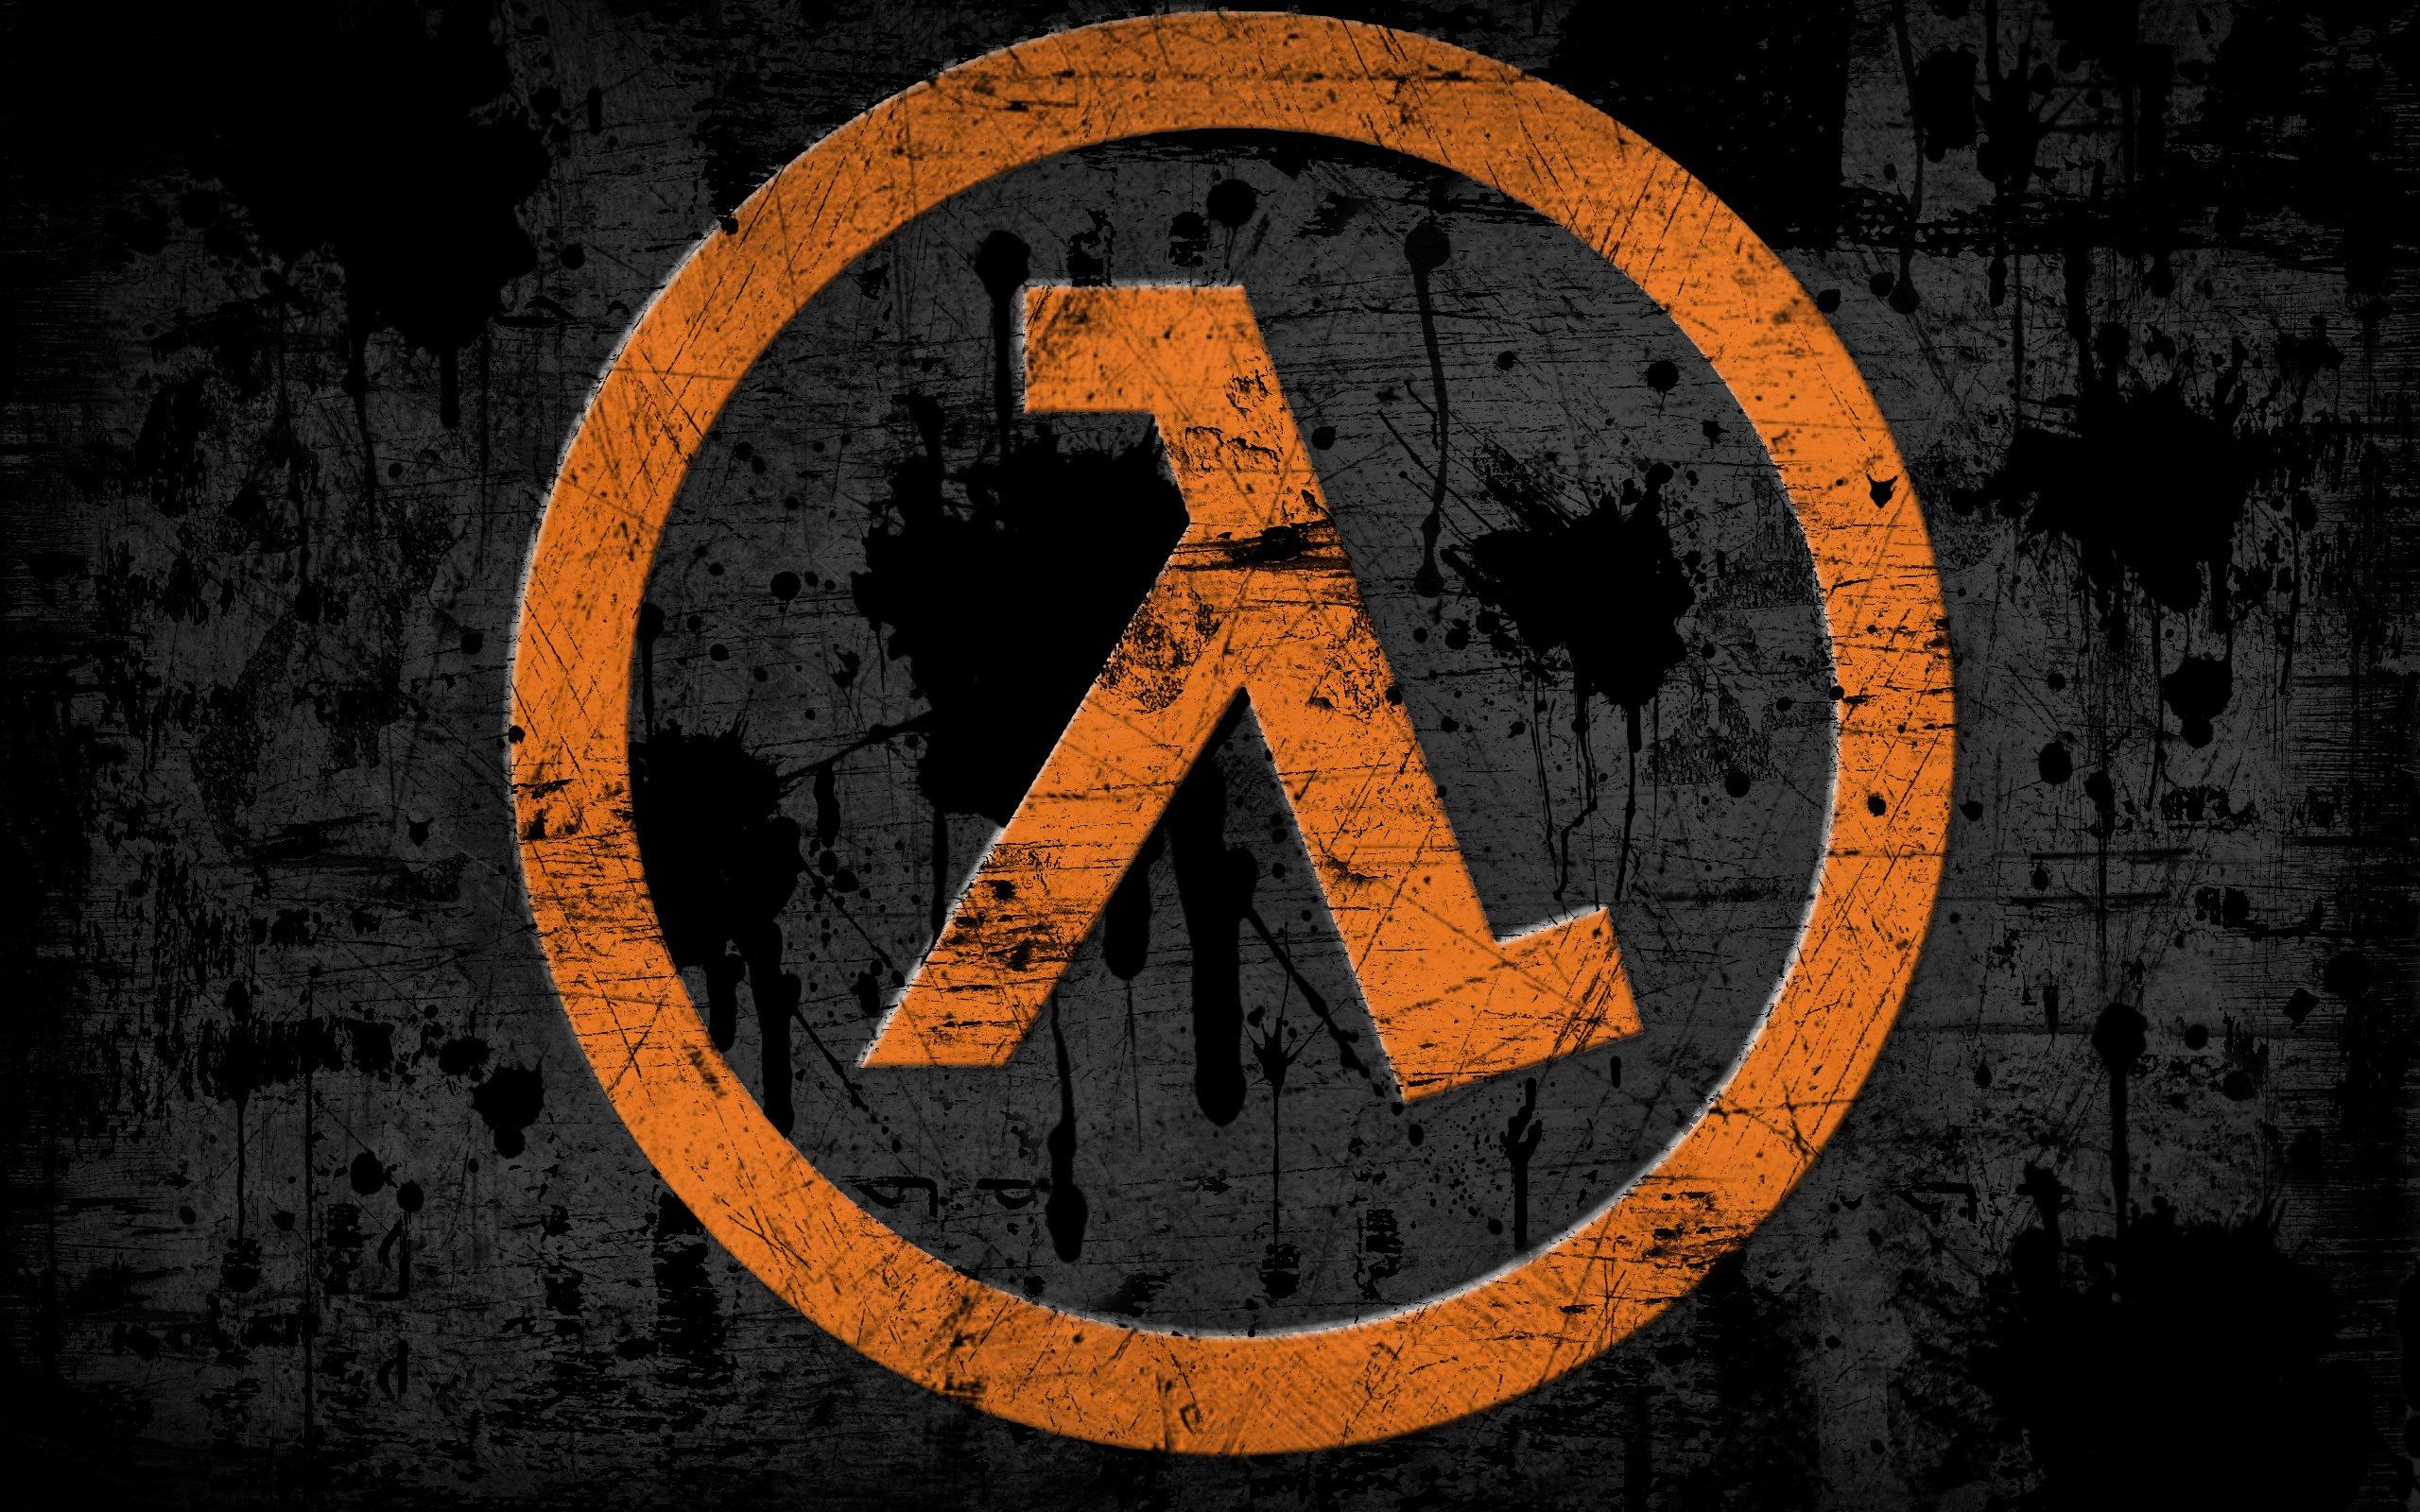 Łom, lambda i miliony wspomnień - mówię o tym, za co pokochałem Half-Life, z okazji 20-lecia serii 14